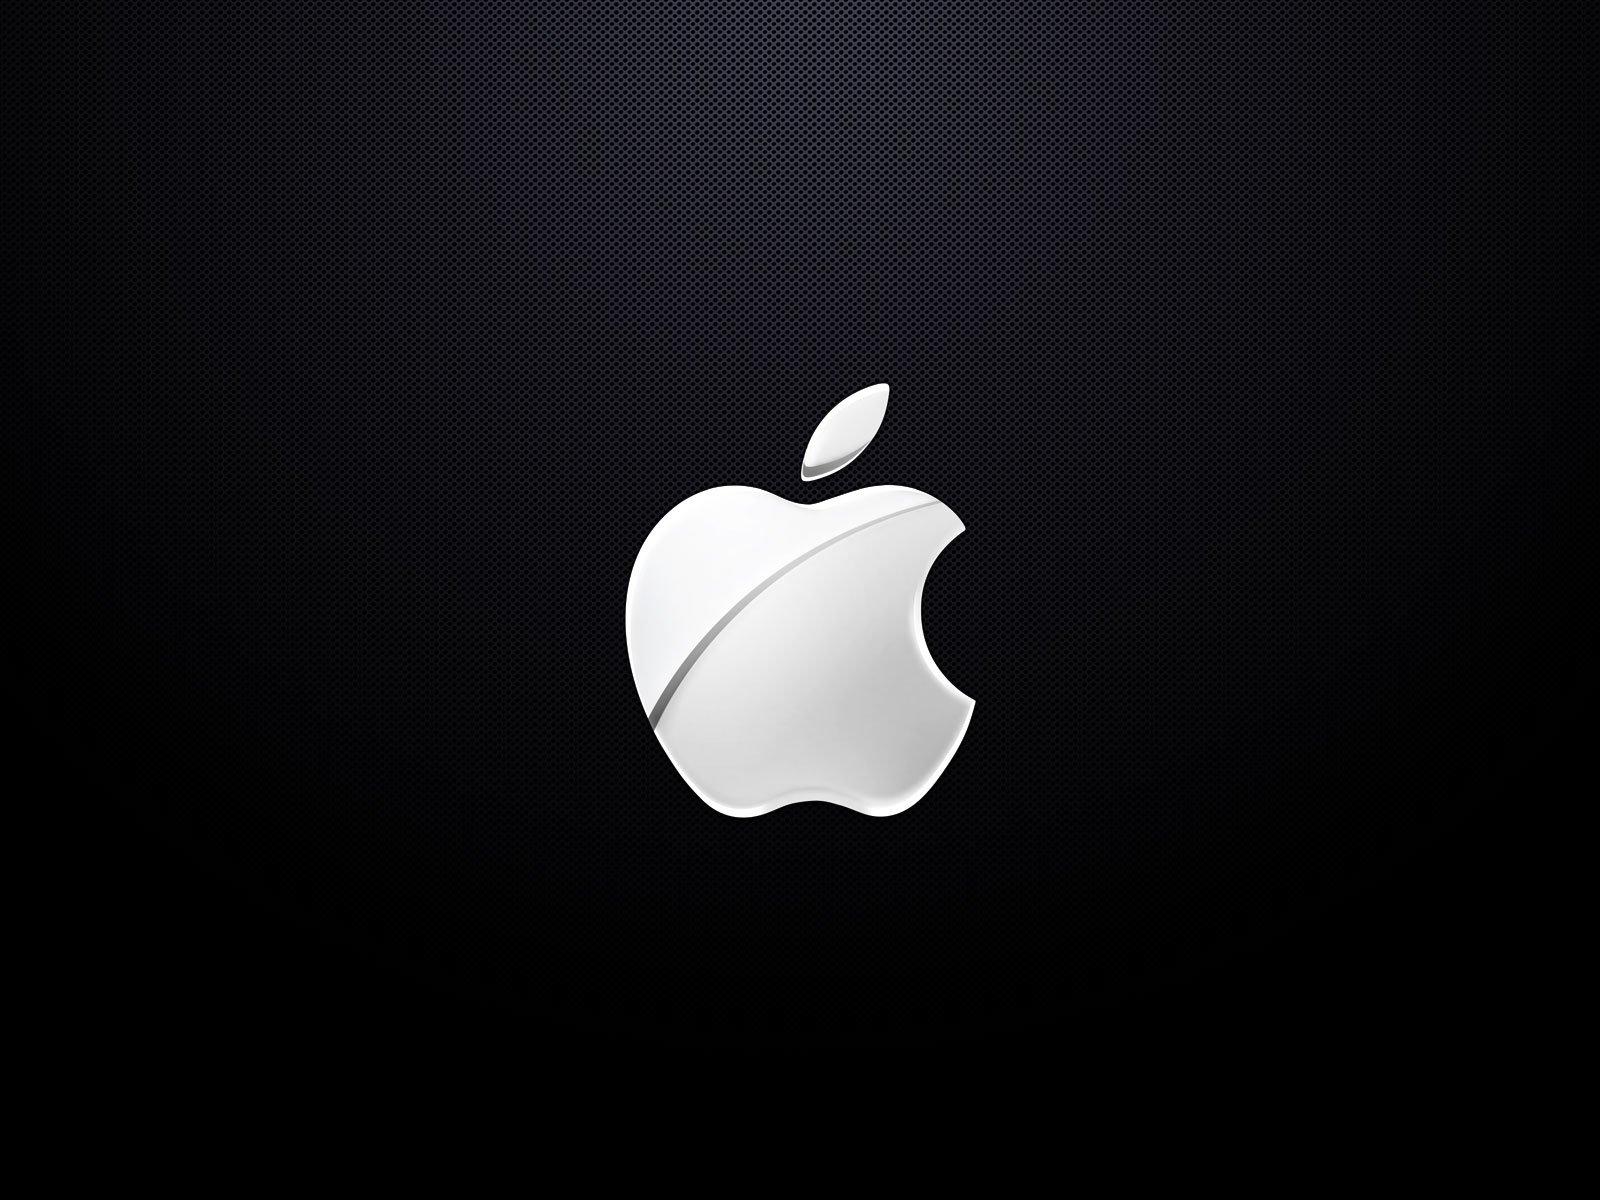 Сугубо суровое мнение насчет Яблок нынче.  Единственная КРУТАЯ сторона iPhone 5C - цветные корпуса. Это даже как-то  ... - Изображение 1